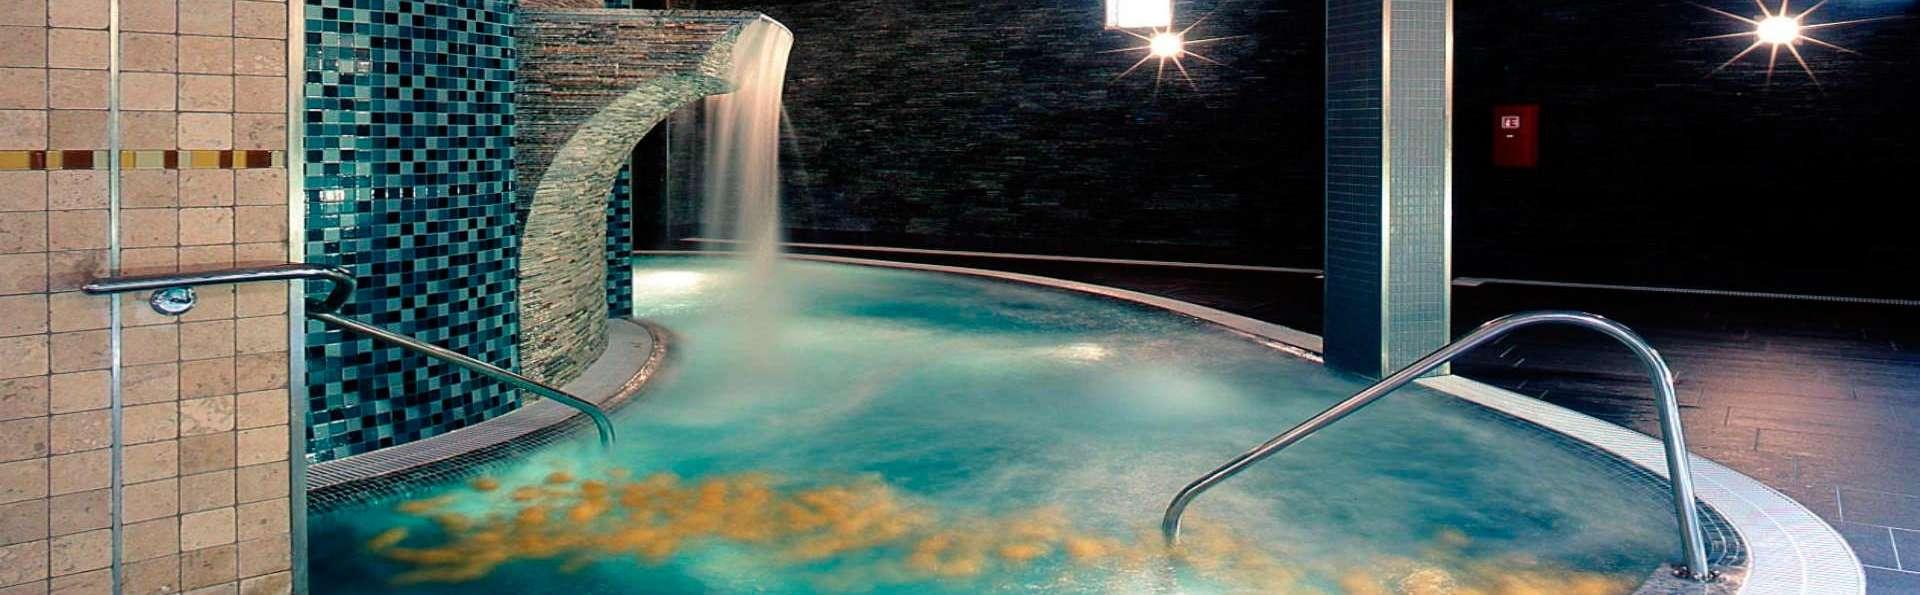 Experiencia termal en Archena con acceso al Balneario y cena (desde 2 noches)